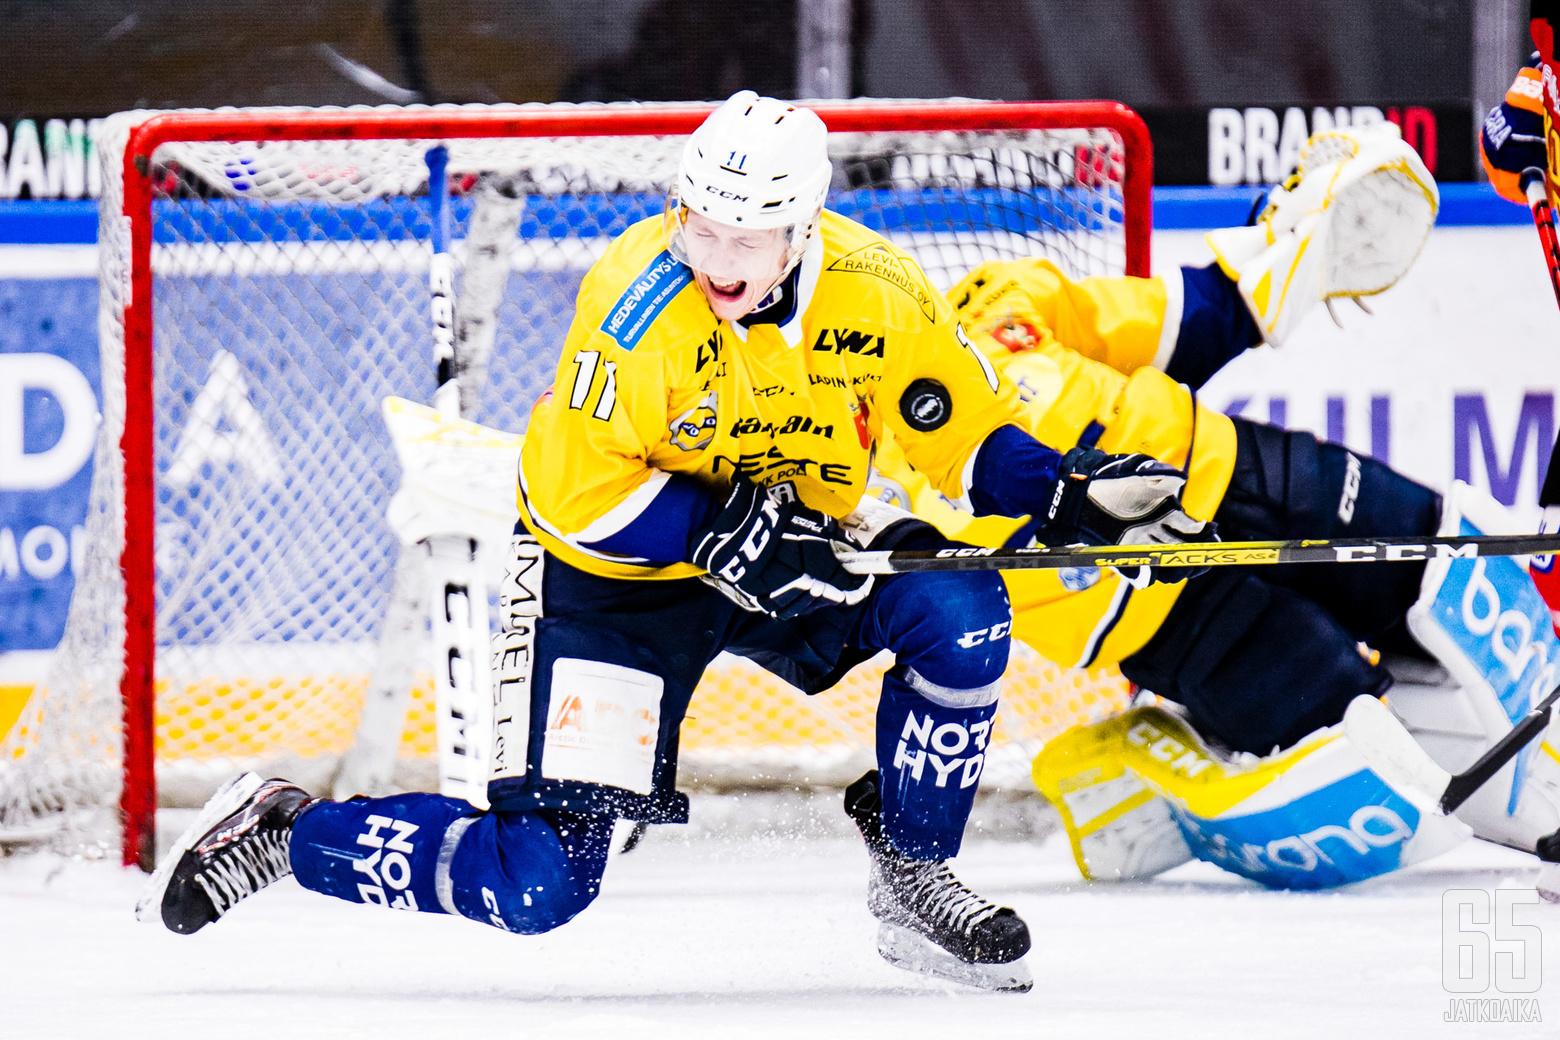 KOOVEE - RoKi, Mestiksen runkosarjan ottelussa Hakametsän jäähallissa Tampereella 13.10.2019